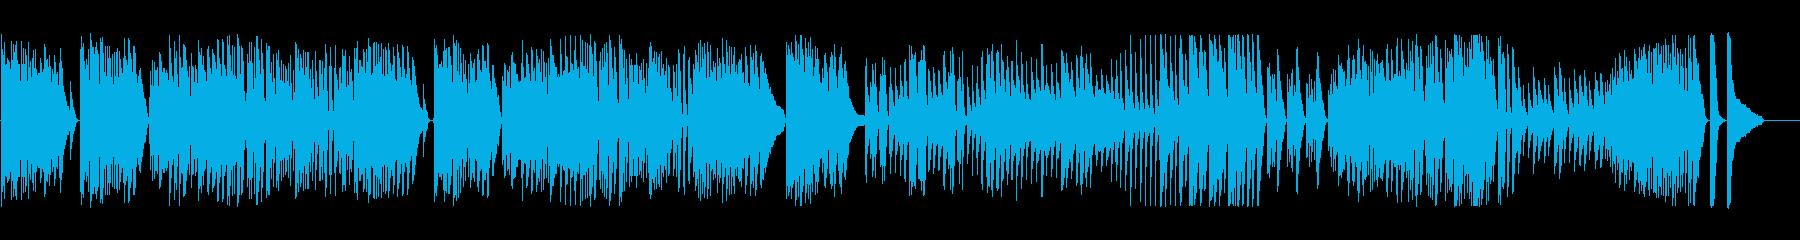 クラシック 感情的 お洒落 ハイテ...の再生済みの波形